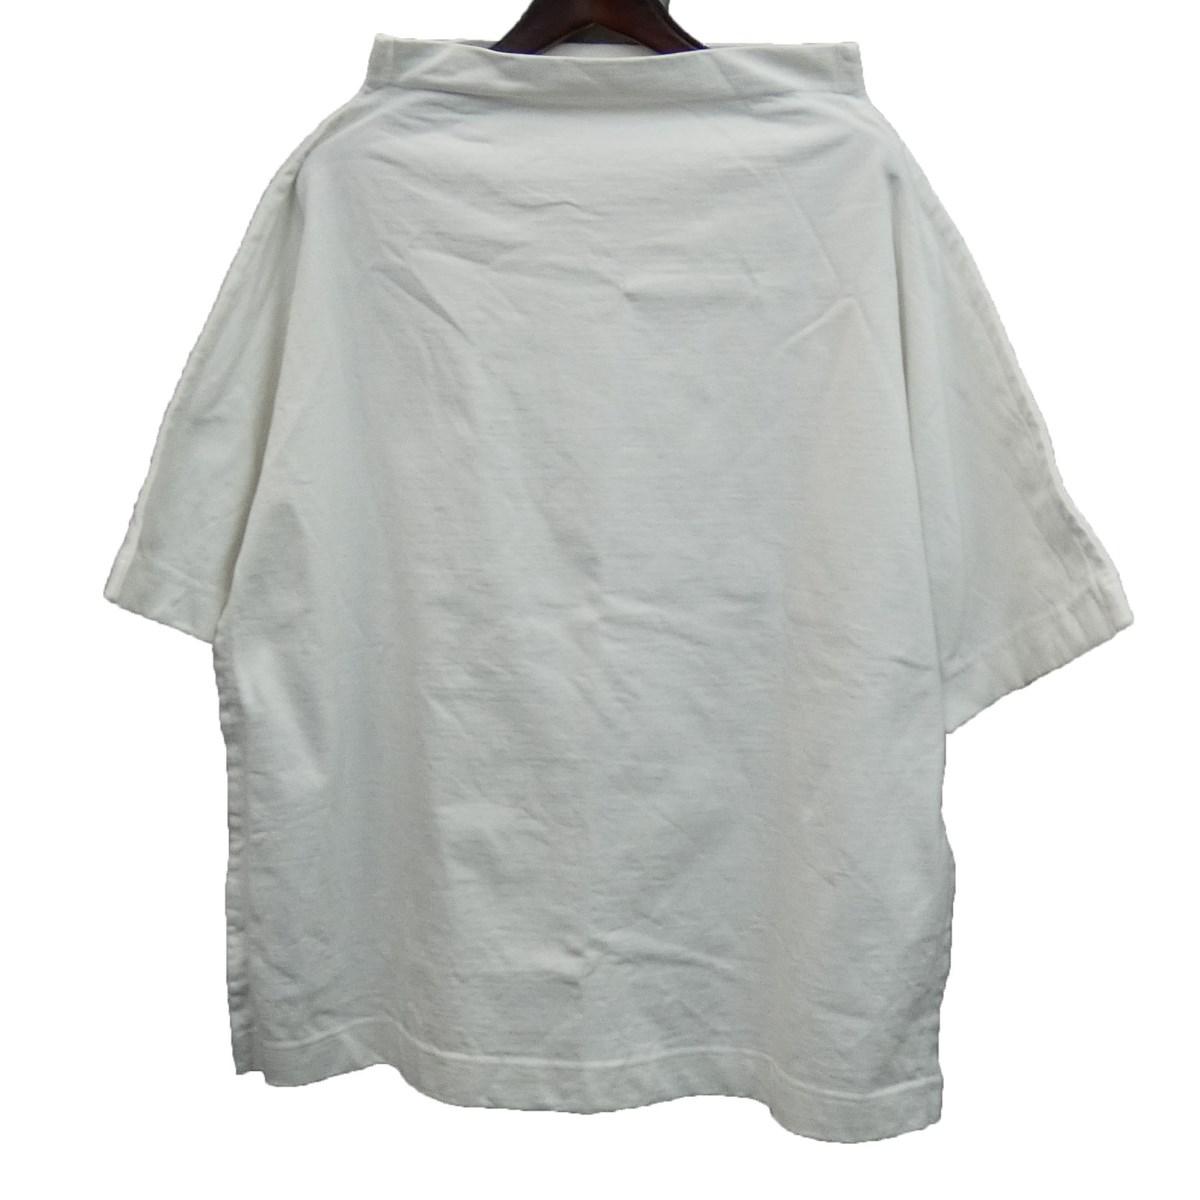 【中古】Maison Margiela 10 19AW フランネルネックボックスTシャツカットソー ホワイト サイズ:S 【240220】(メゾンマルジェラ)